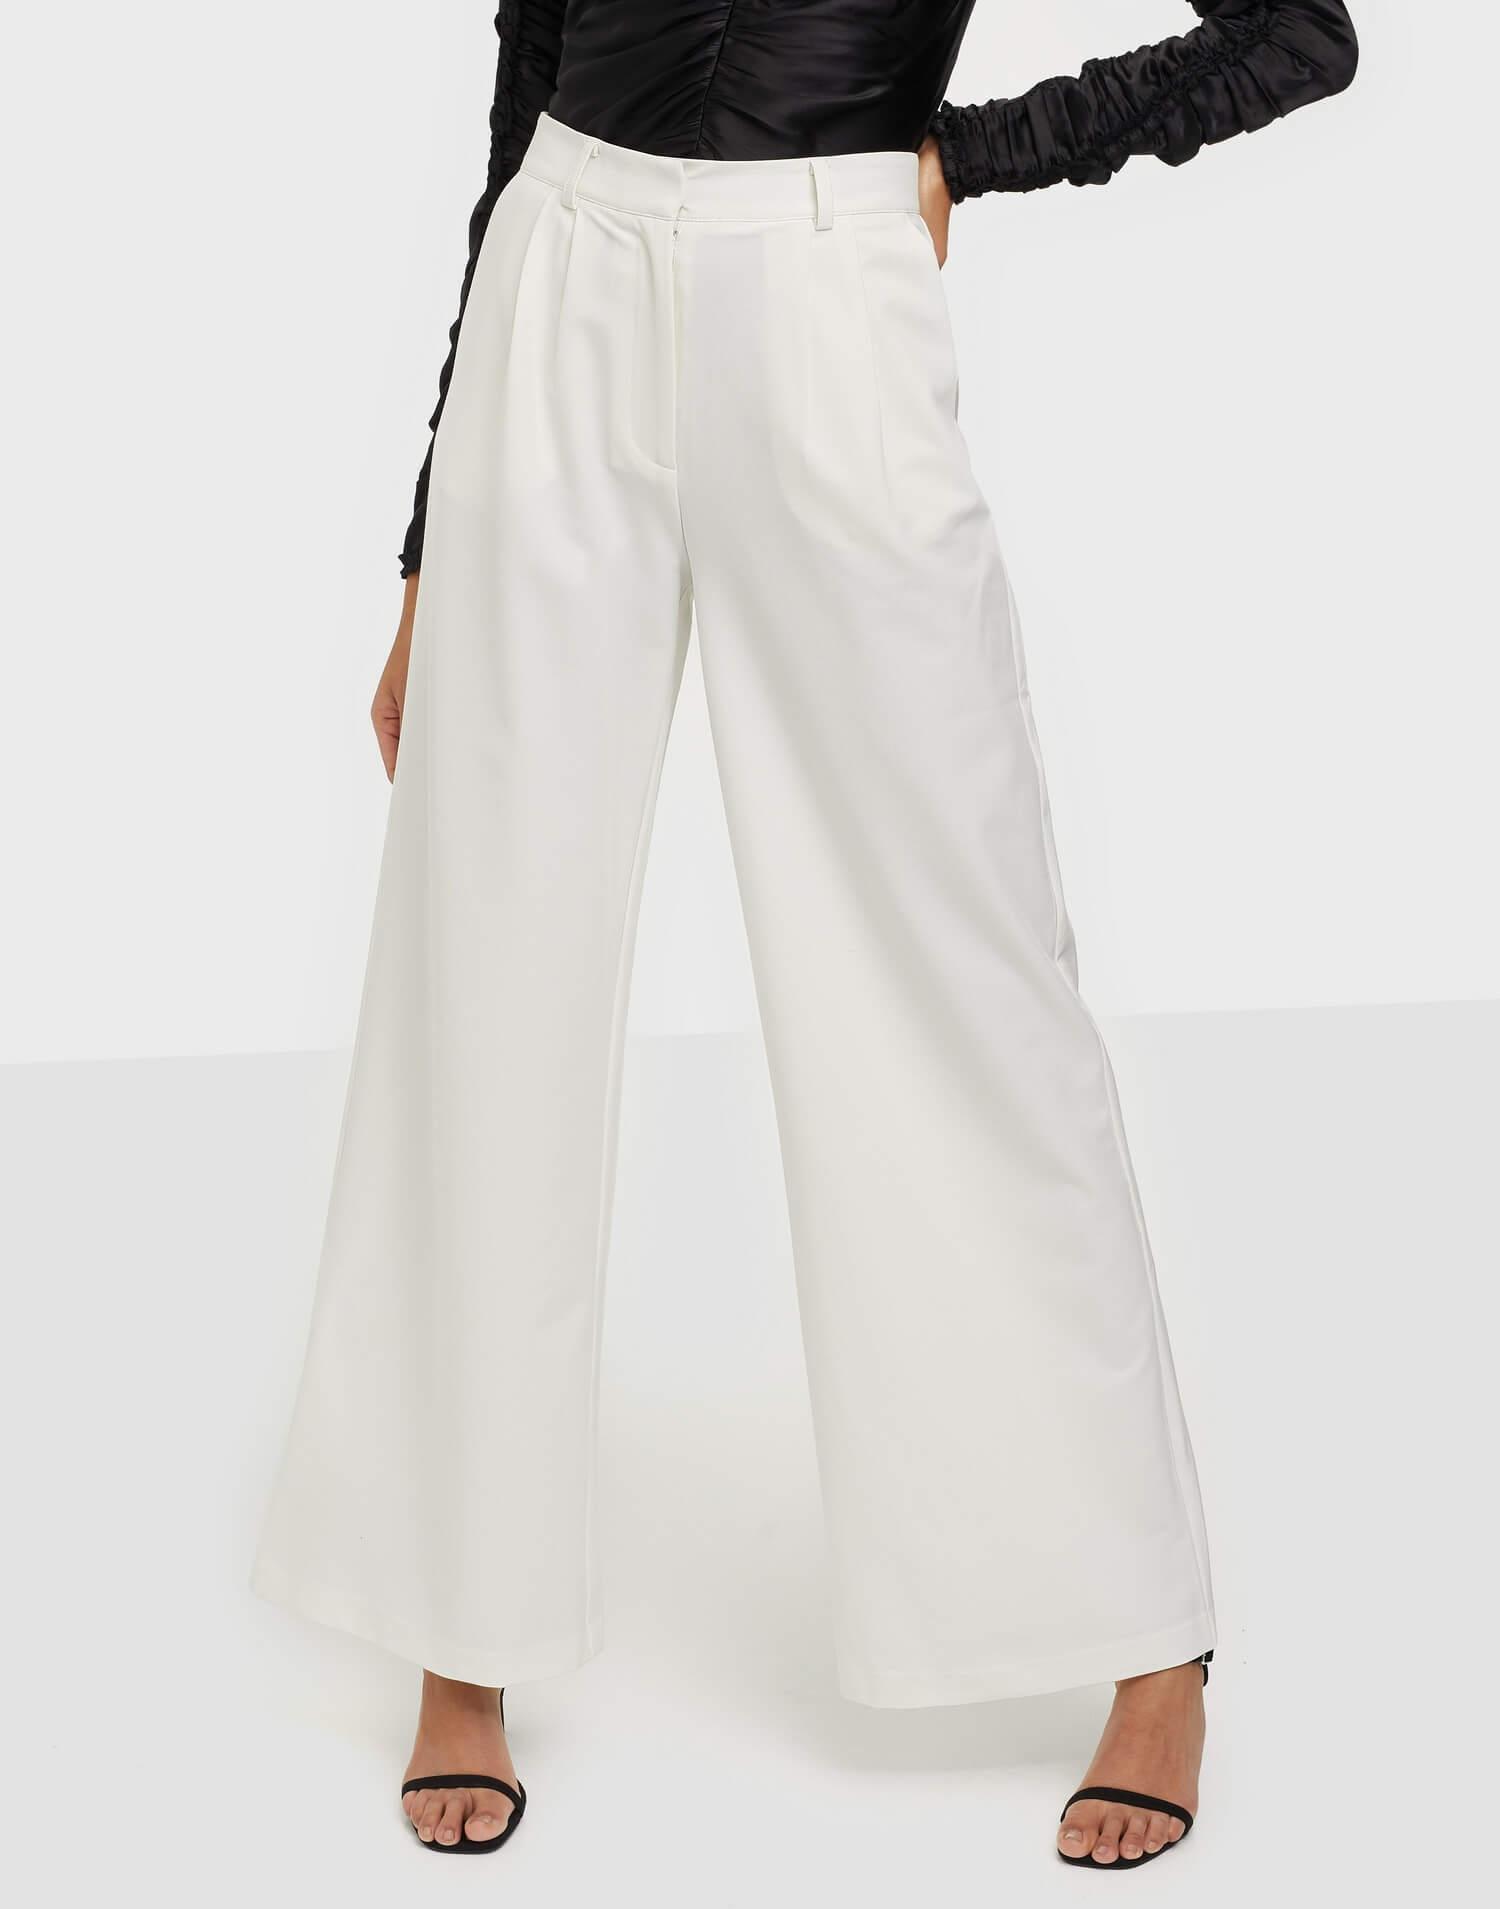 Vita högmidjade vida byxor från Y.A.S.